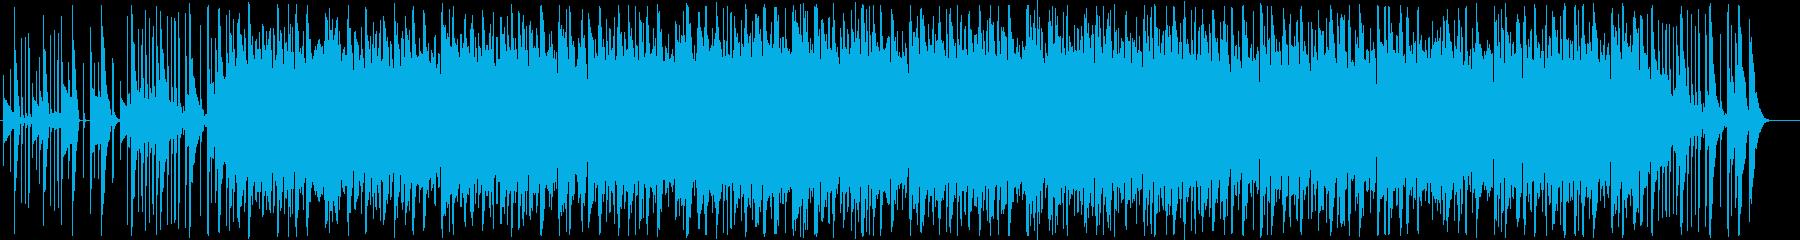 エレクトロポップヴィンテージ80年...の再生済みの波形